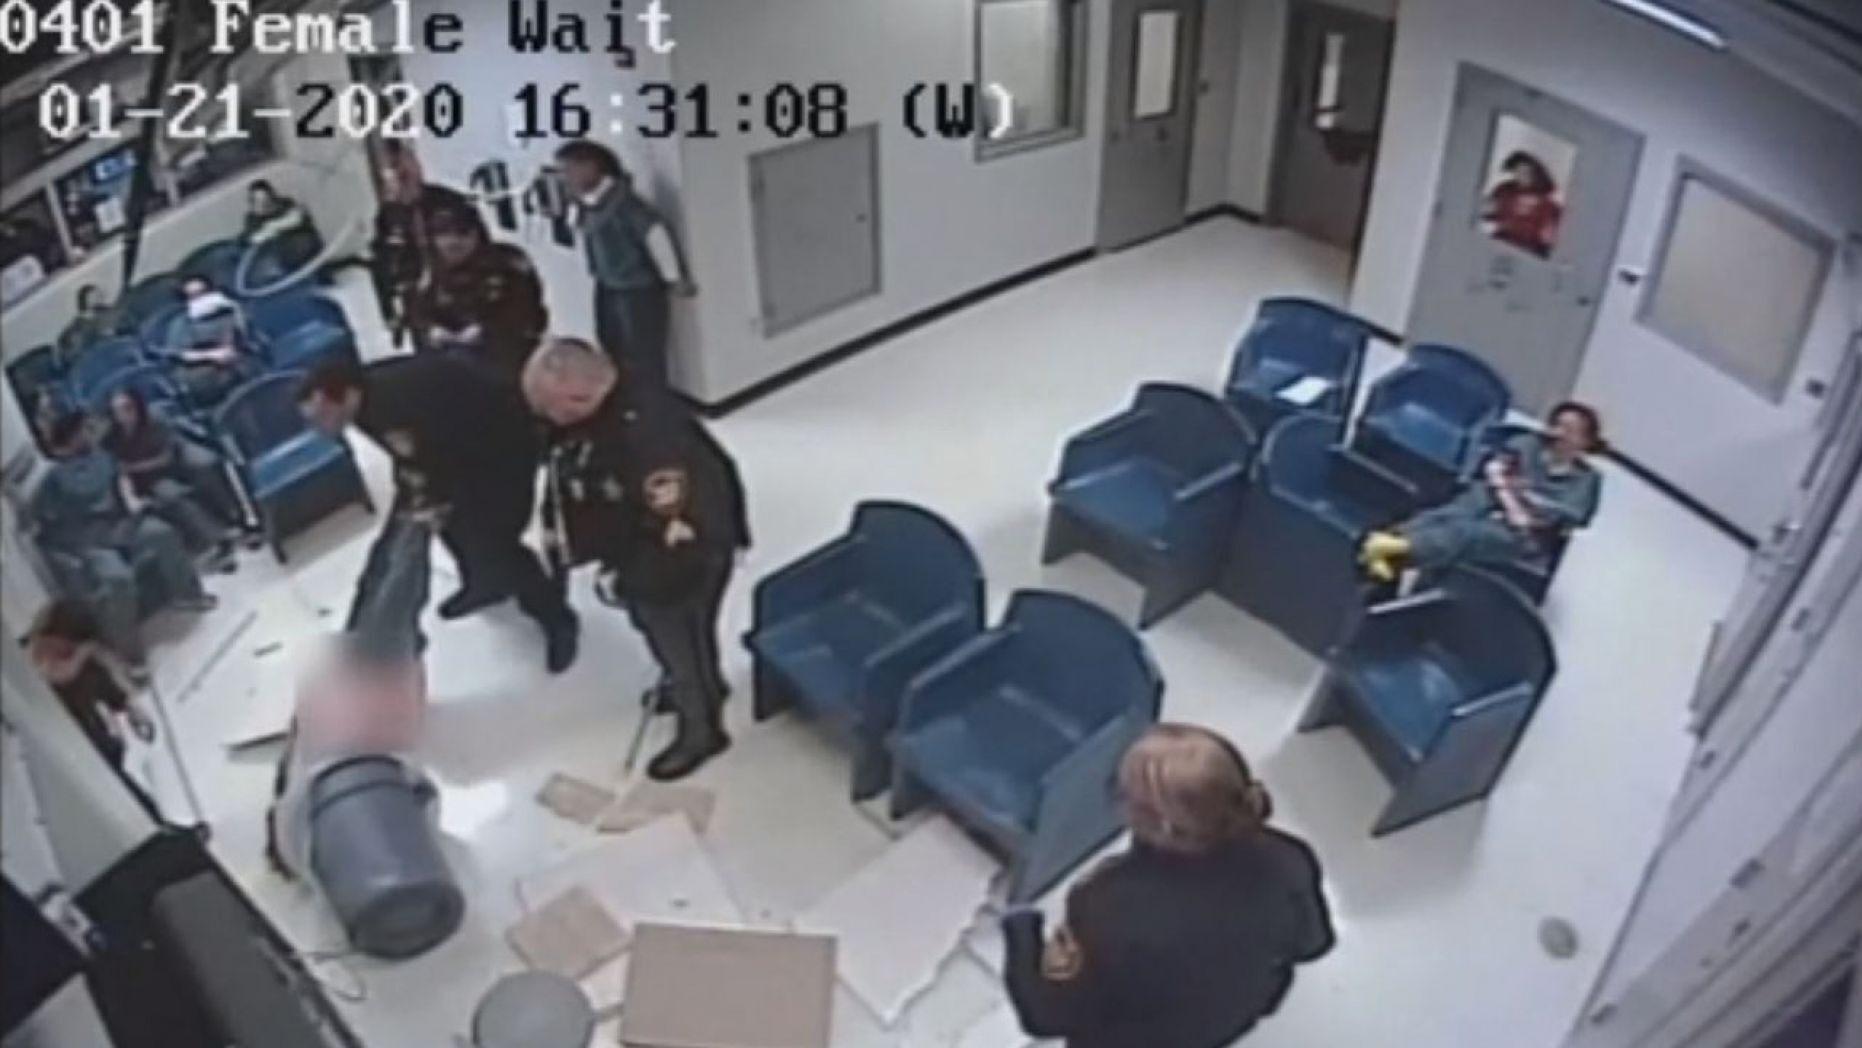 Video ghi lại cảnh một tù nhân ở Ohio trốn tù thất bại khi rơi từ trên trầnnhàxuống